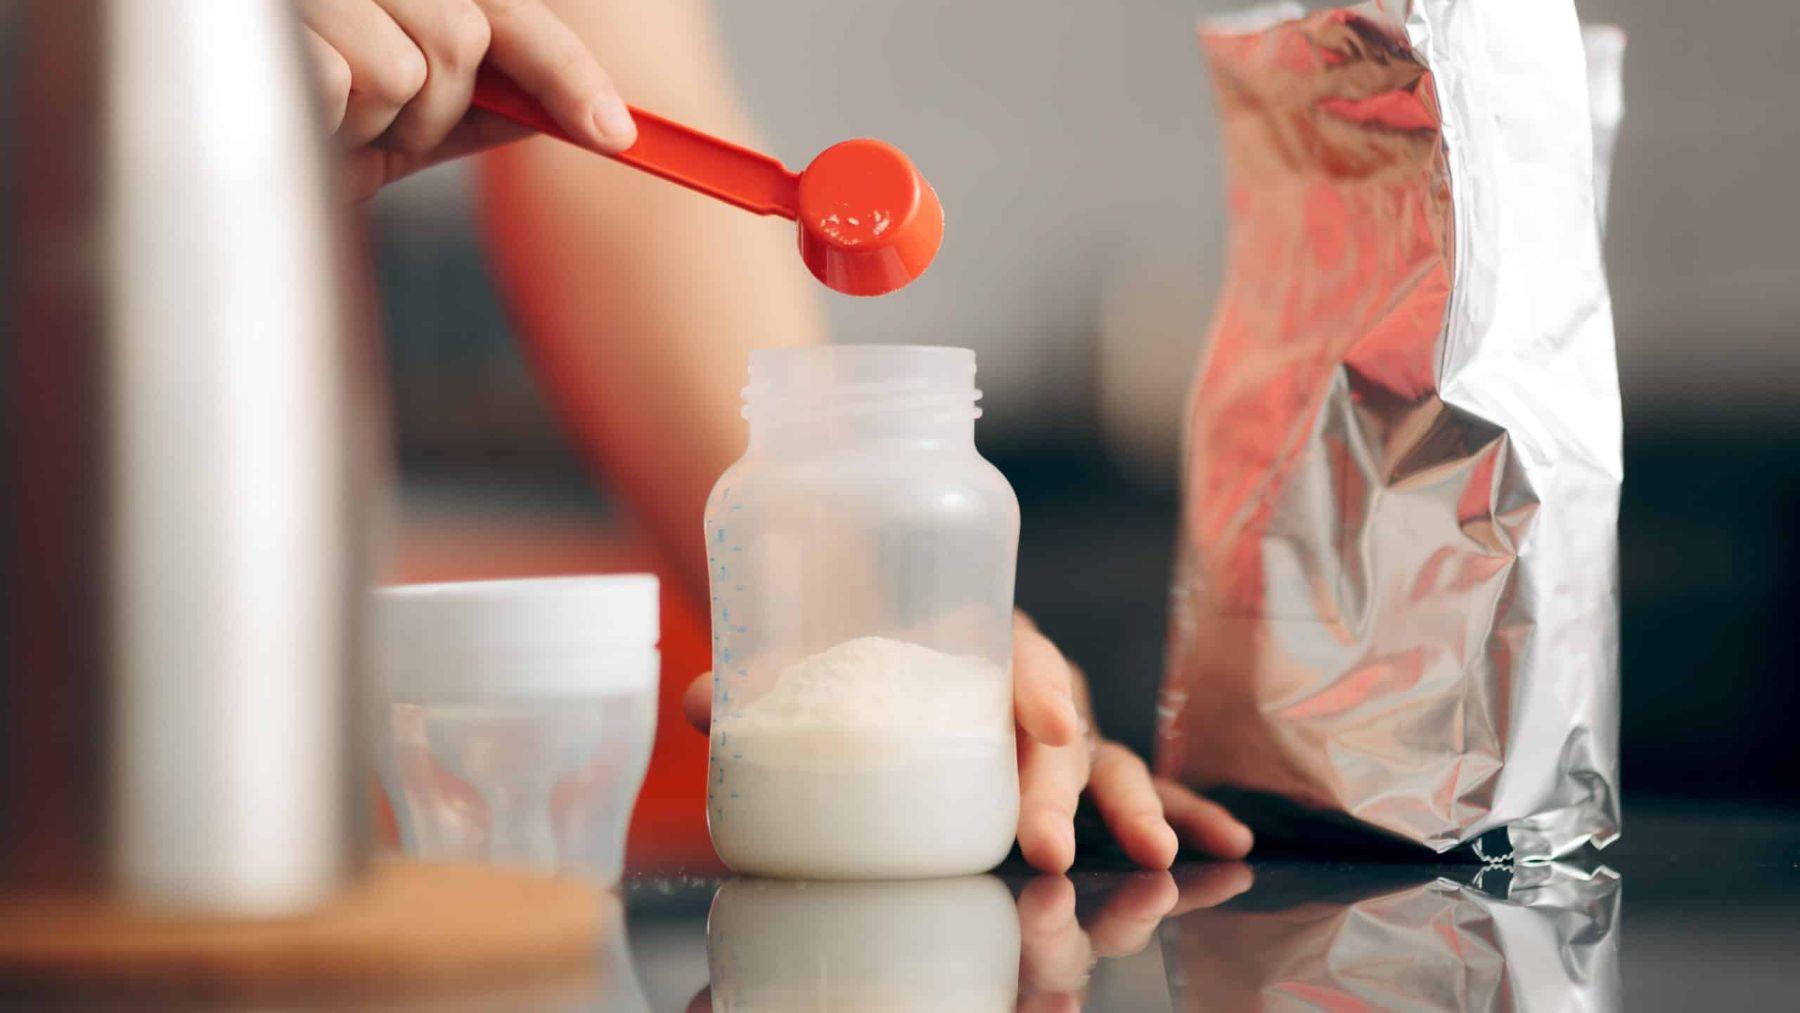 Descubramos qué es la leche de fórmula y qué tipos hay